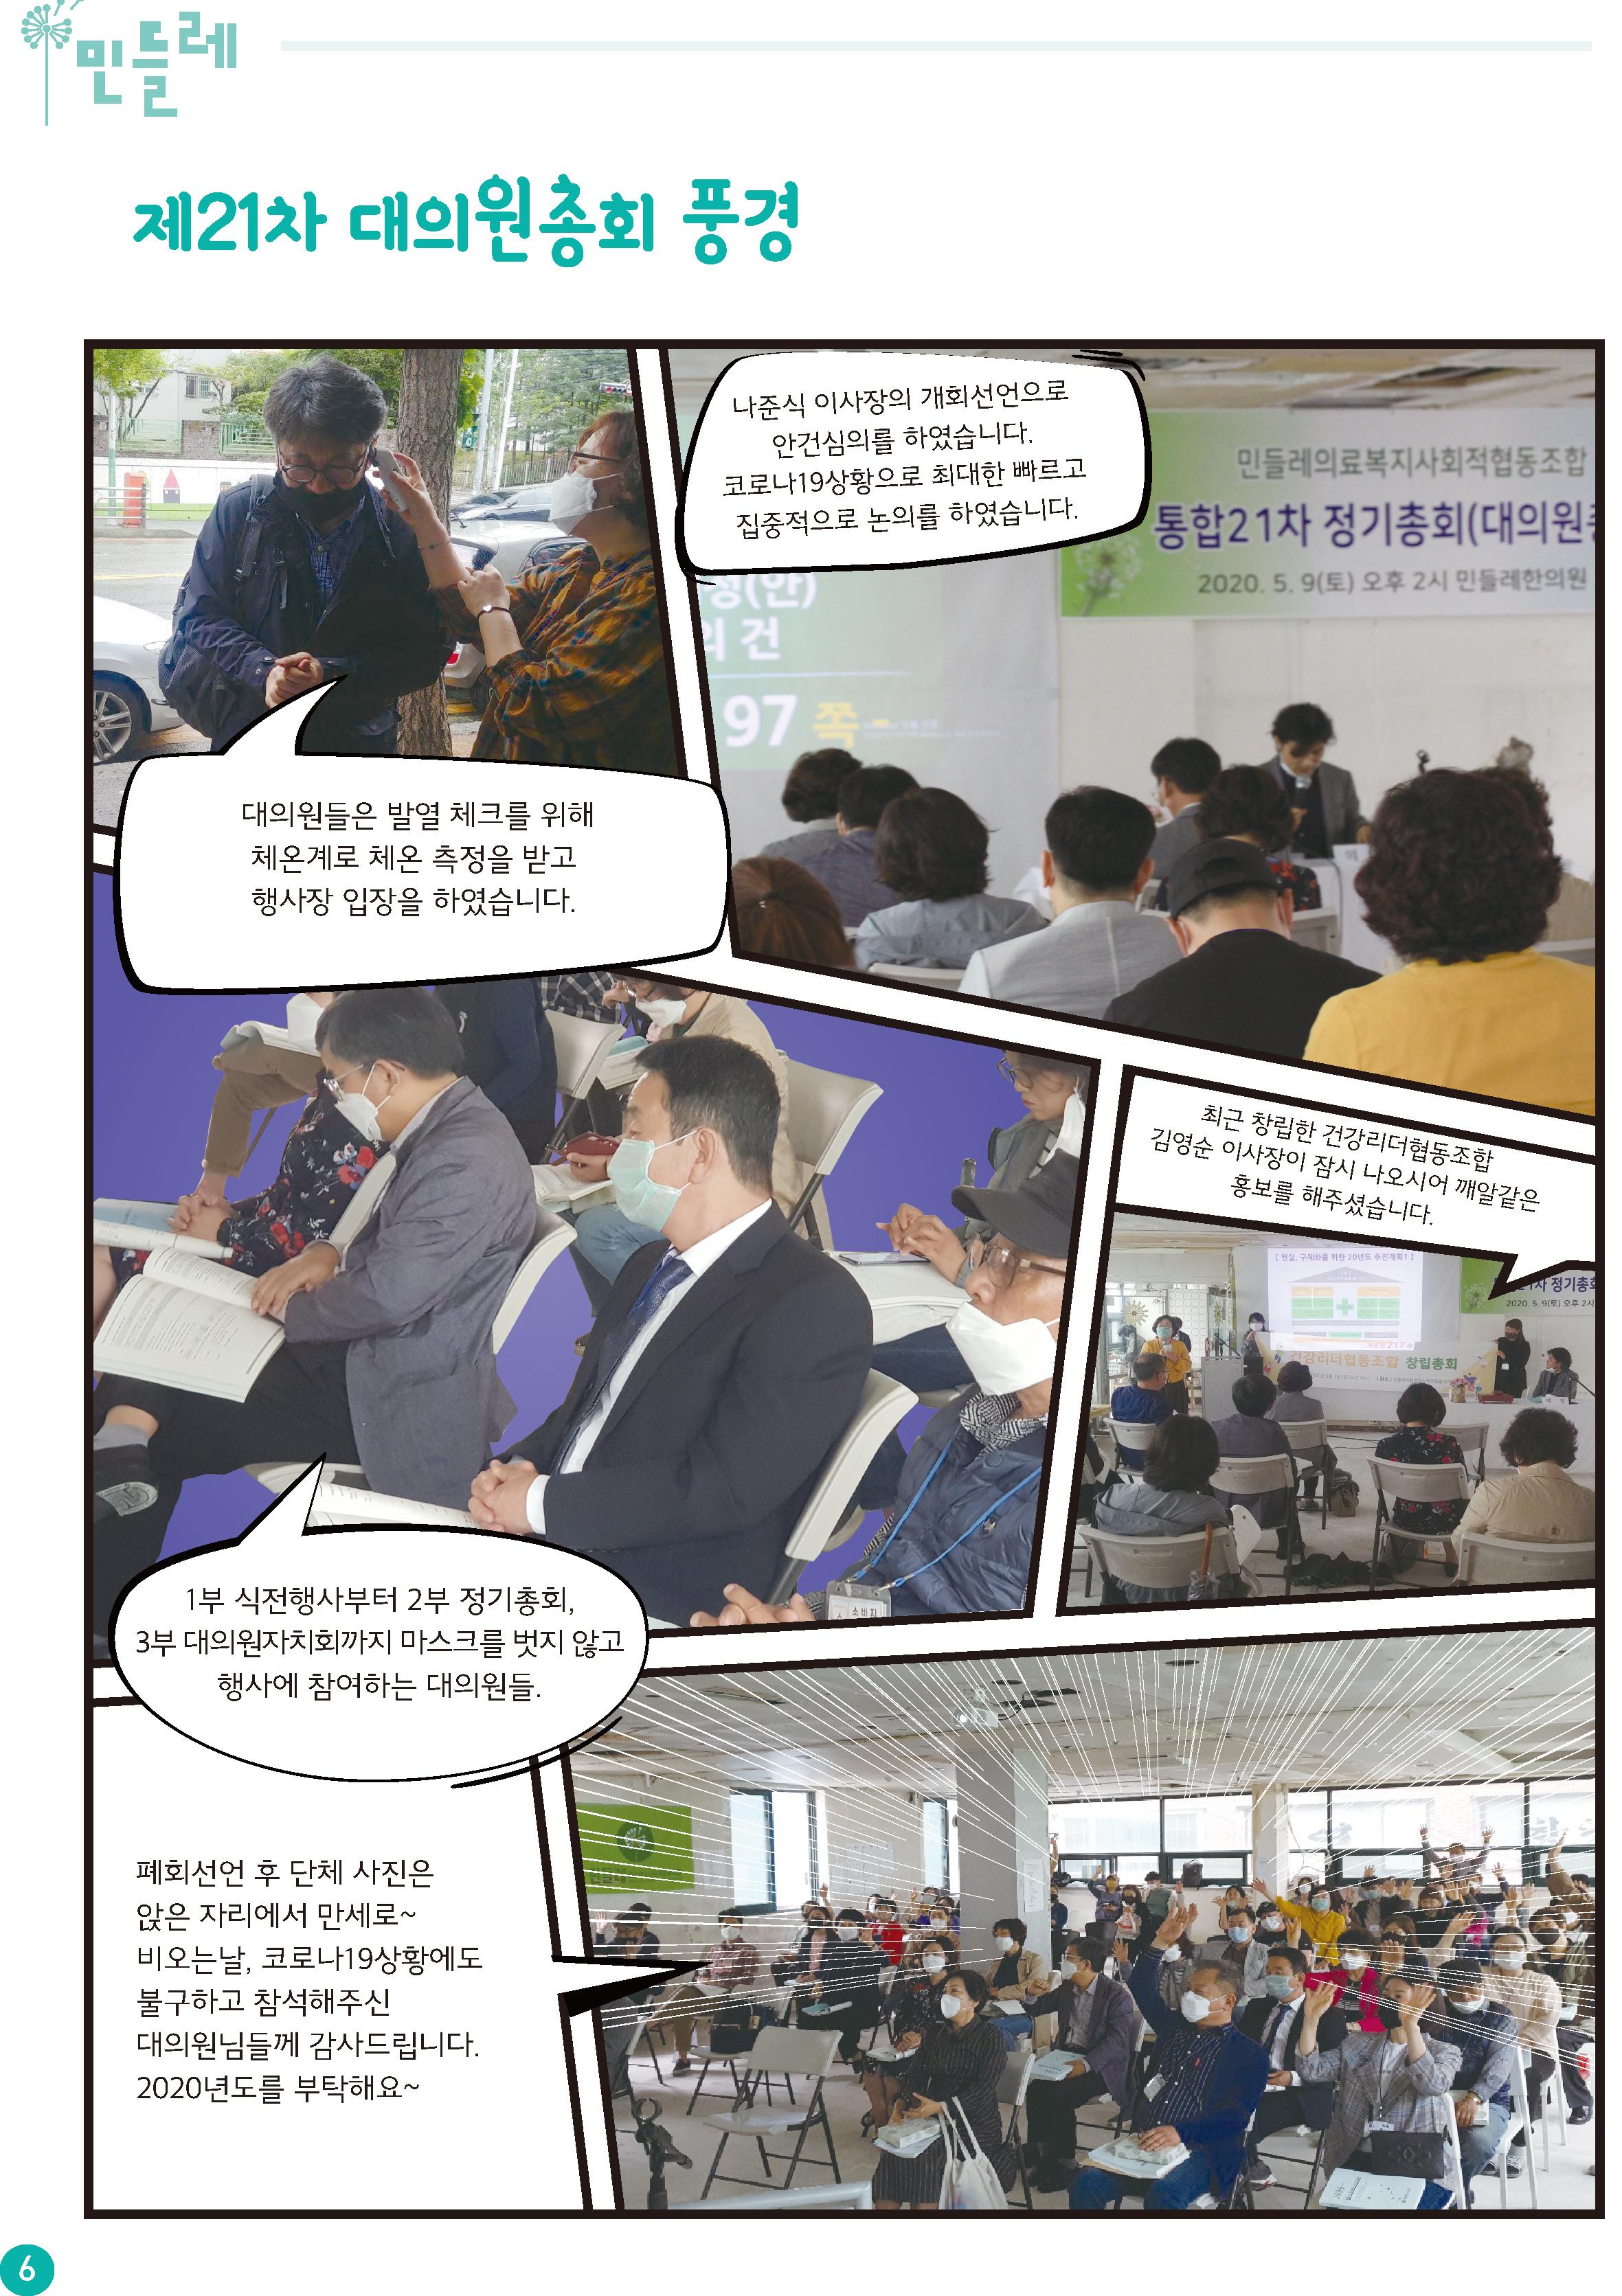 민들레 소식지8월호 시안(최종)-6.jpg